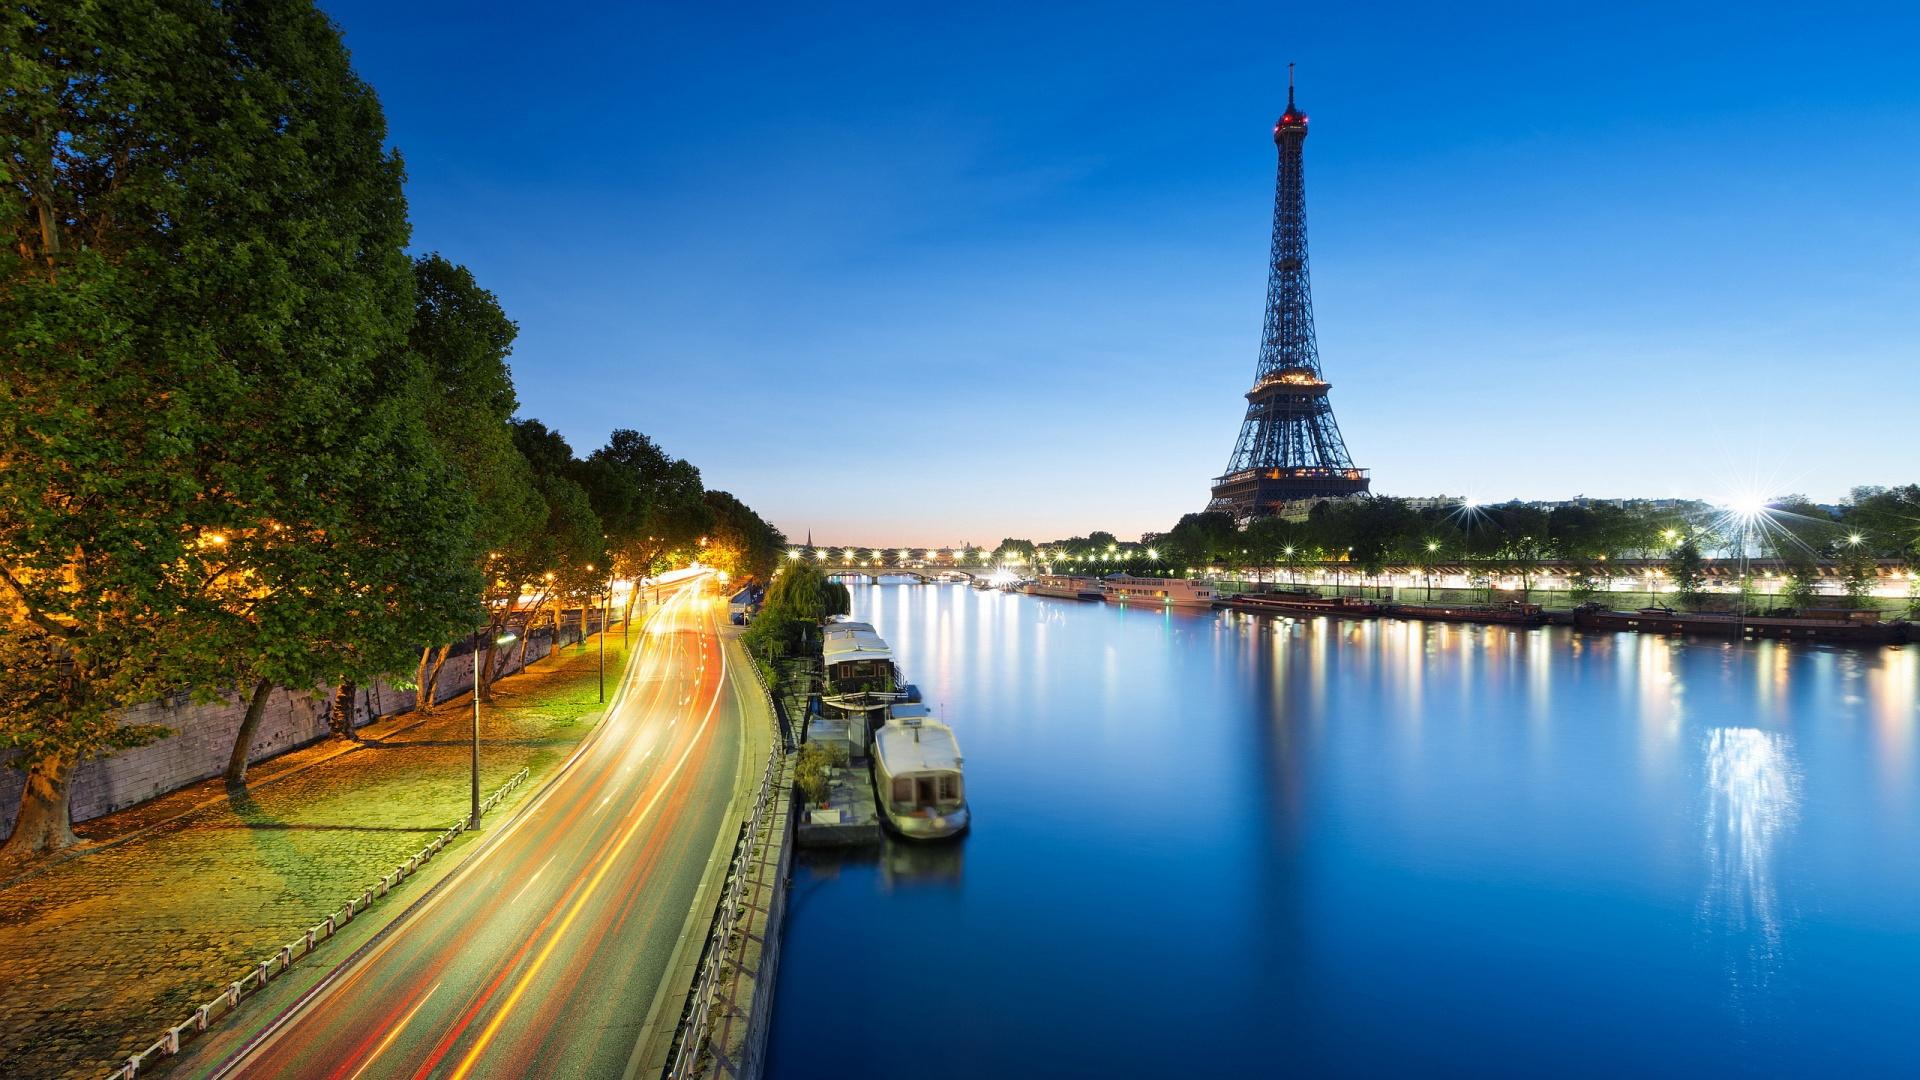 Hd wallpaper paris - Paris Pictures Images Photos Live Hd Wallpaper Hq Pictures